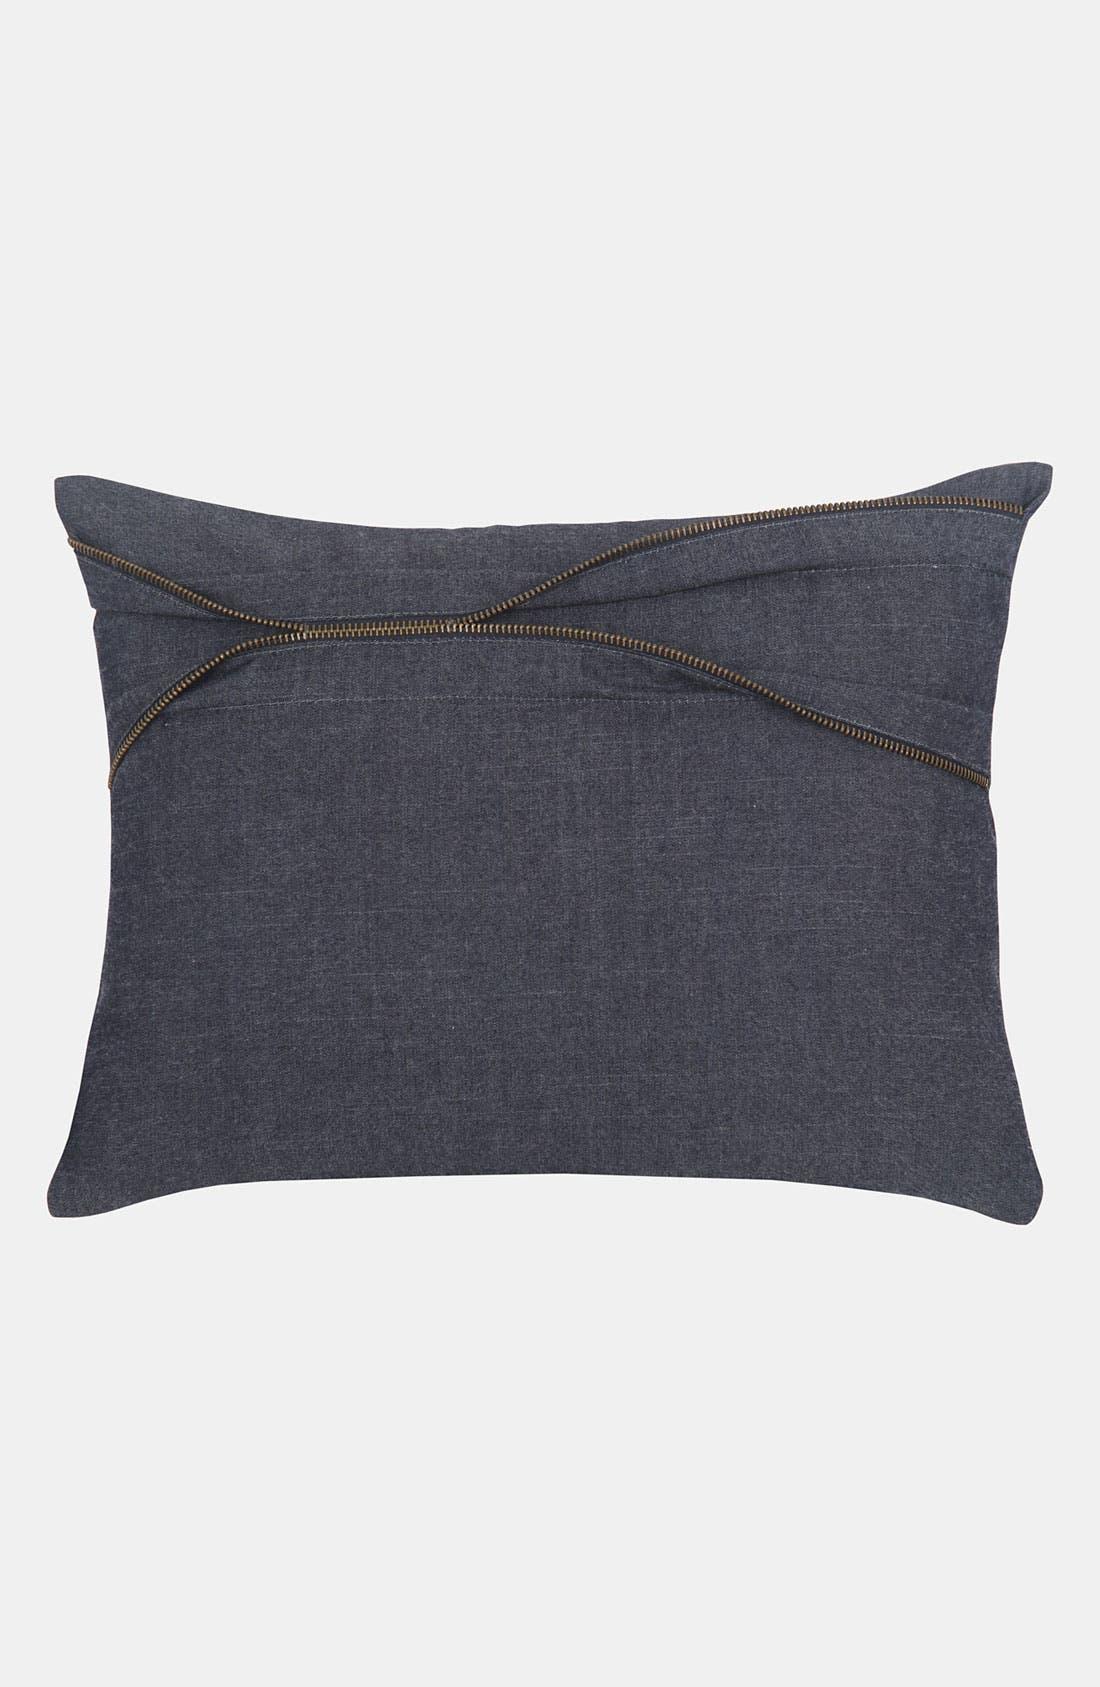 Alternate Image 1 Selected - Blissliving Home Denim Pillow (Online Only)